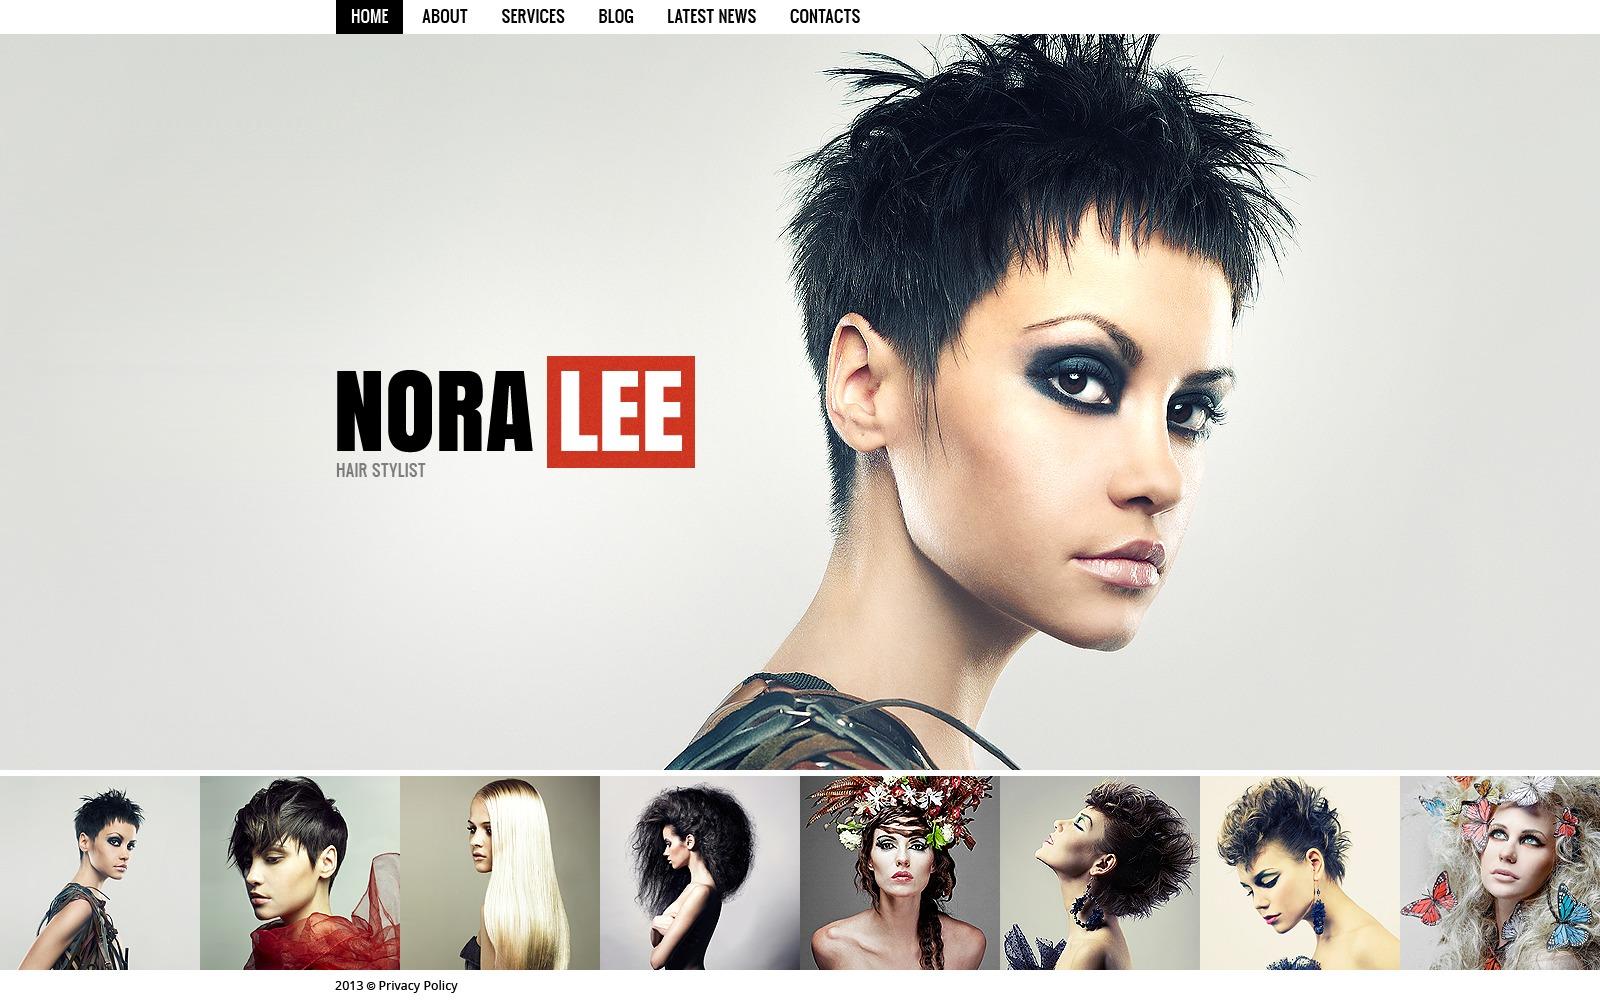 Szablon Strona Www #41713 na temat: salon fryzjerski